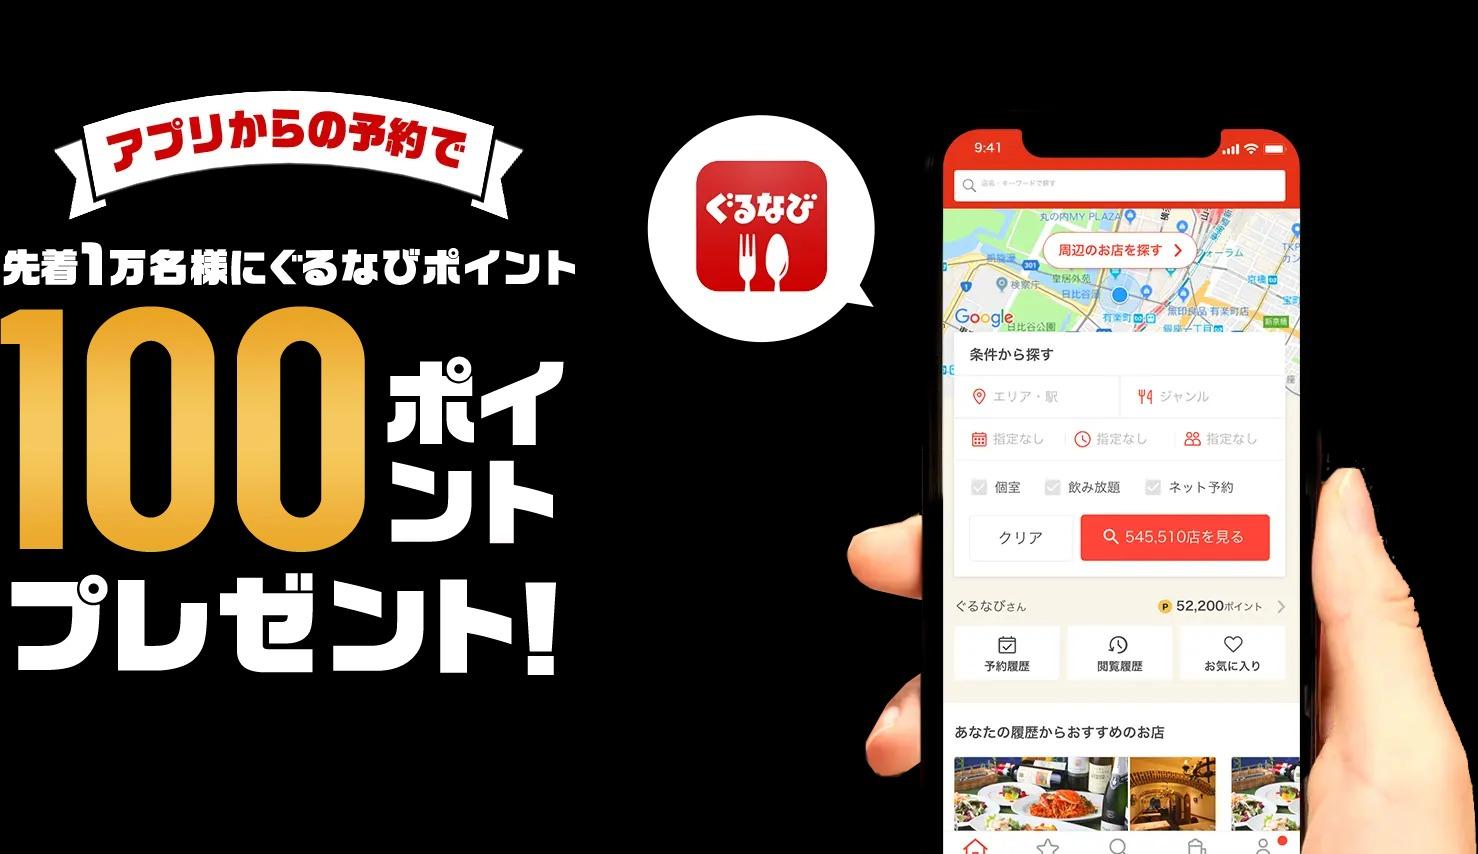 ぐるなびで初めてアプリから飲食店を予約すると、先着1万名に300ぐるなびポイントが貰える。~6/30。